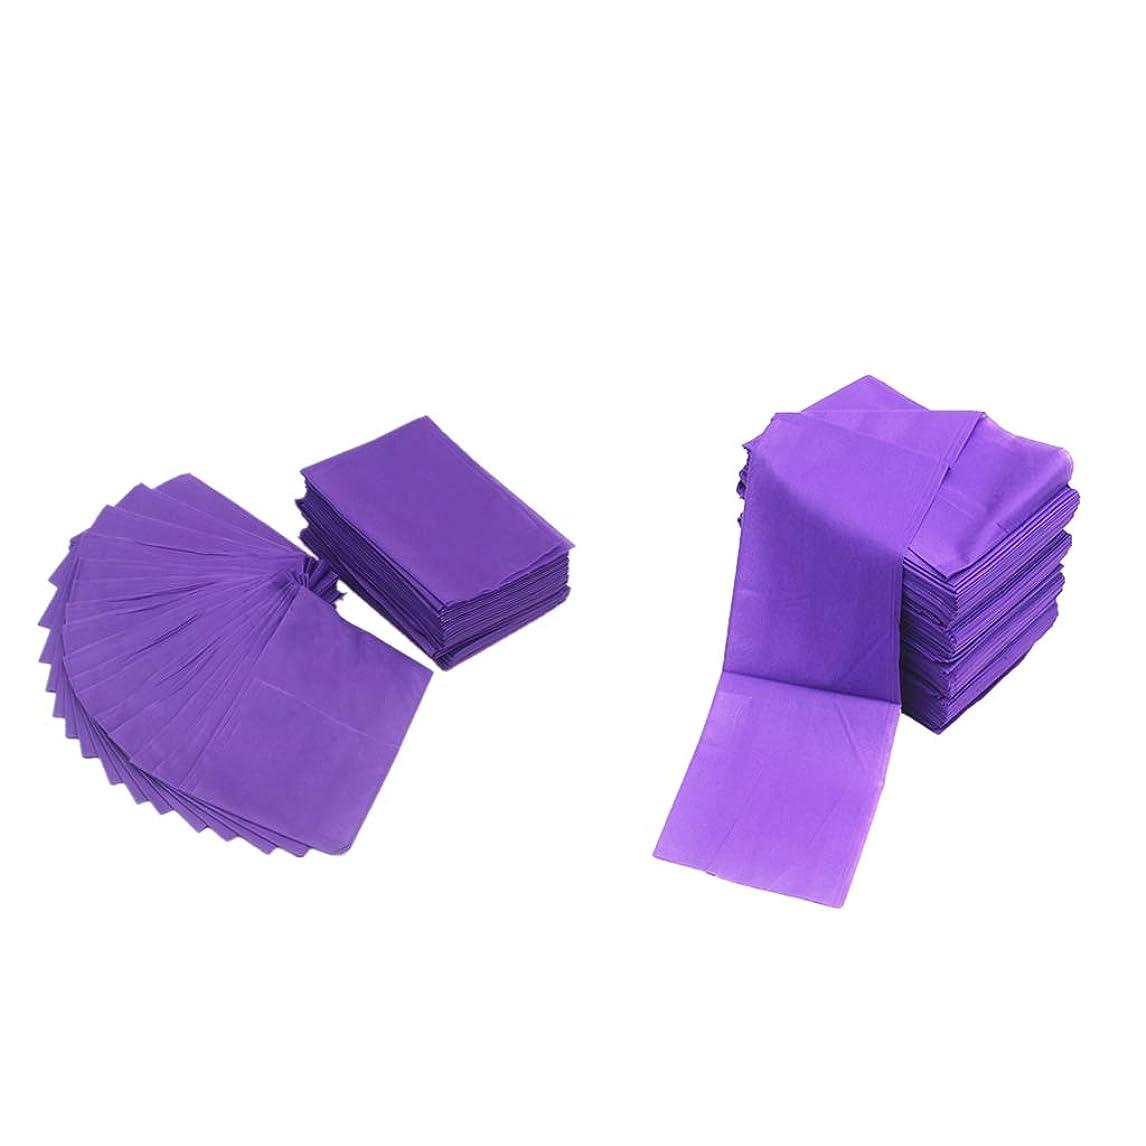 浸透するエンジニアリング法律によりsharprepublic 20ピース不織布使い捨てマッサージテーブルシーツベッドカバー防水パープル